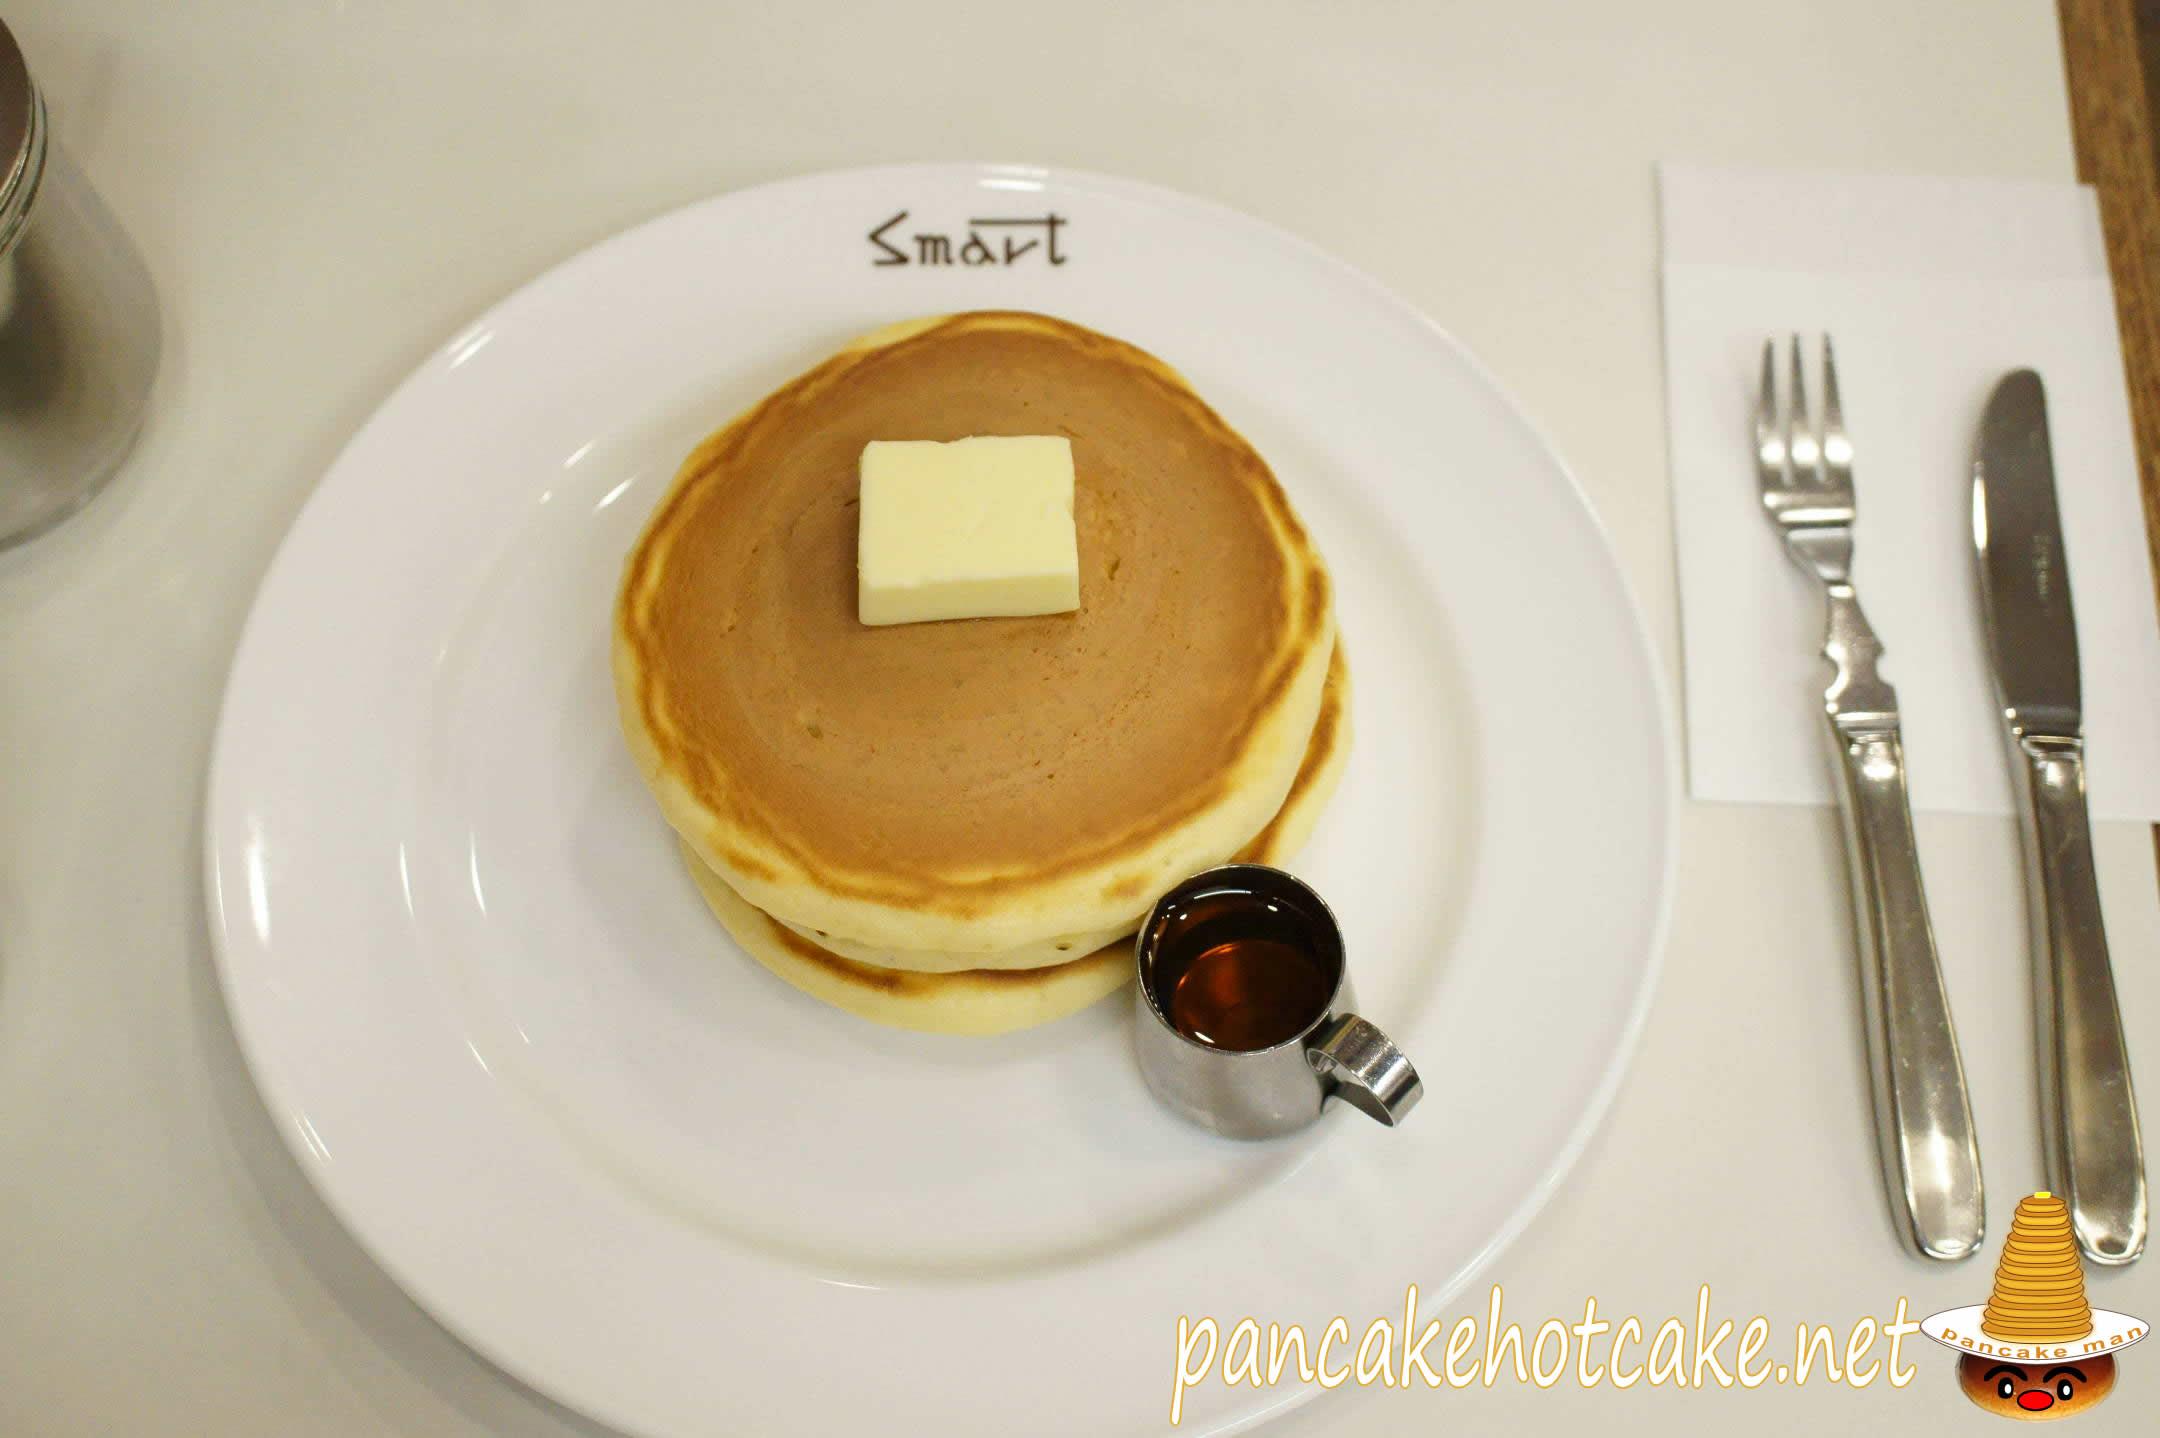 ホットケーキ 老舗の喫茶店<SMART Coffee> スマート珈琲店(京都/京都市役所前)